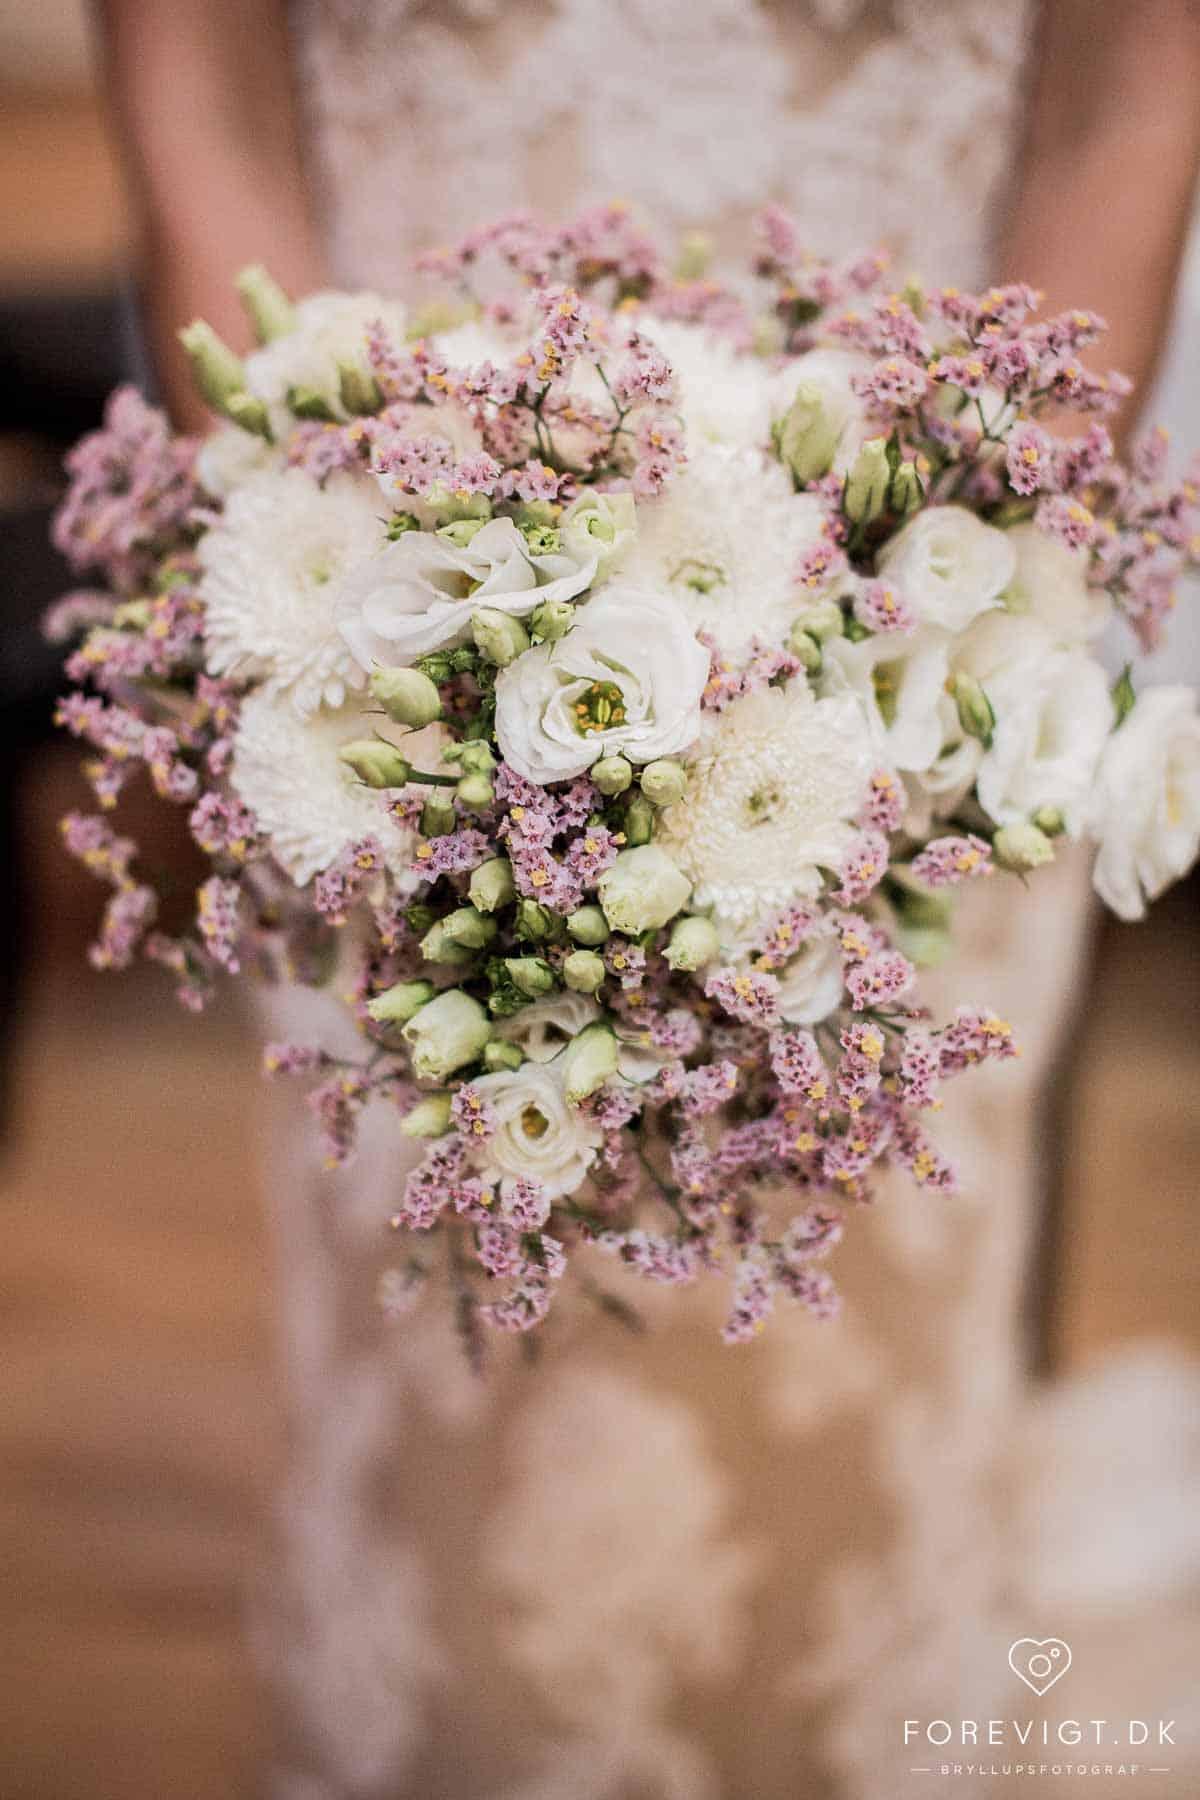 Når I skal vælge jeres bryllupsfotograf, er det vigtigt at I ikke går på kompromis